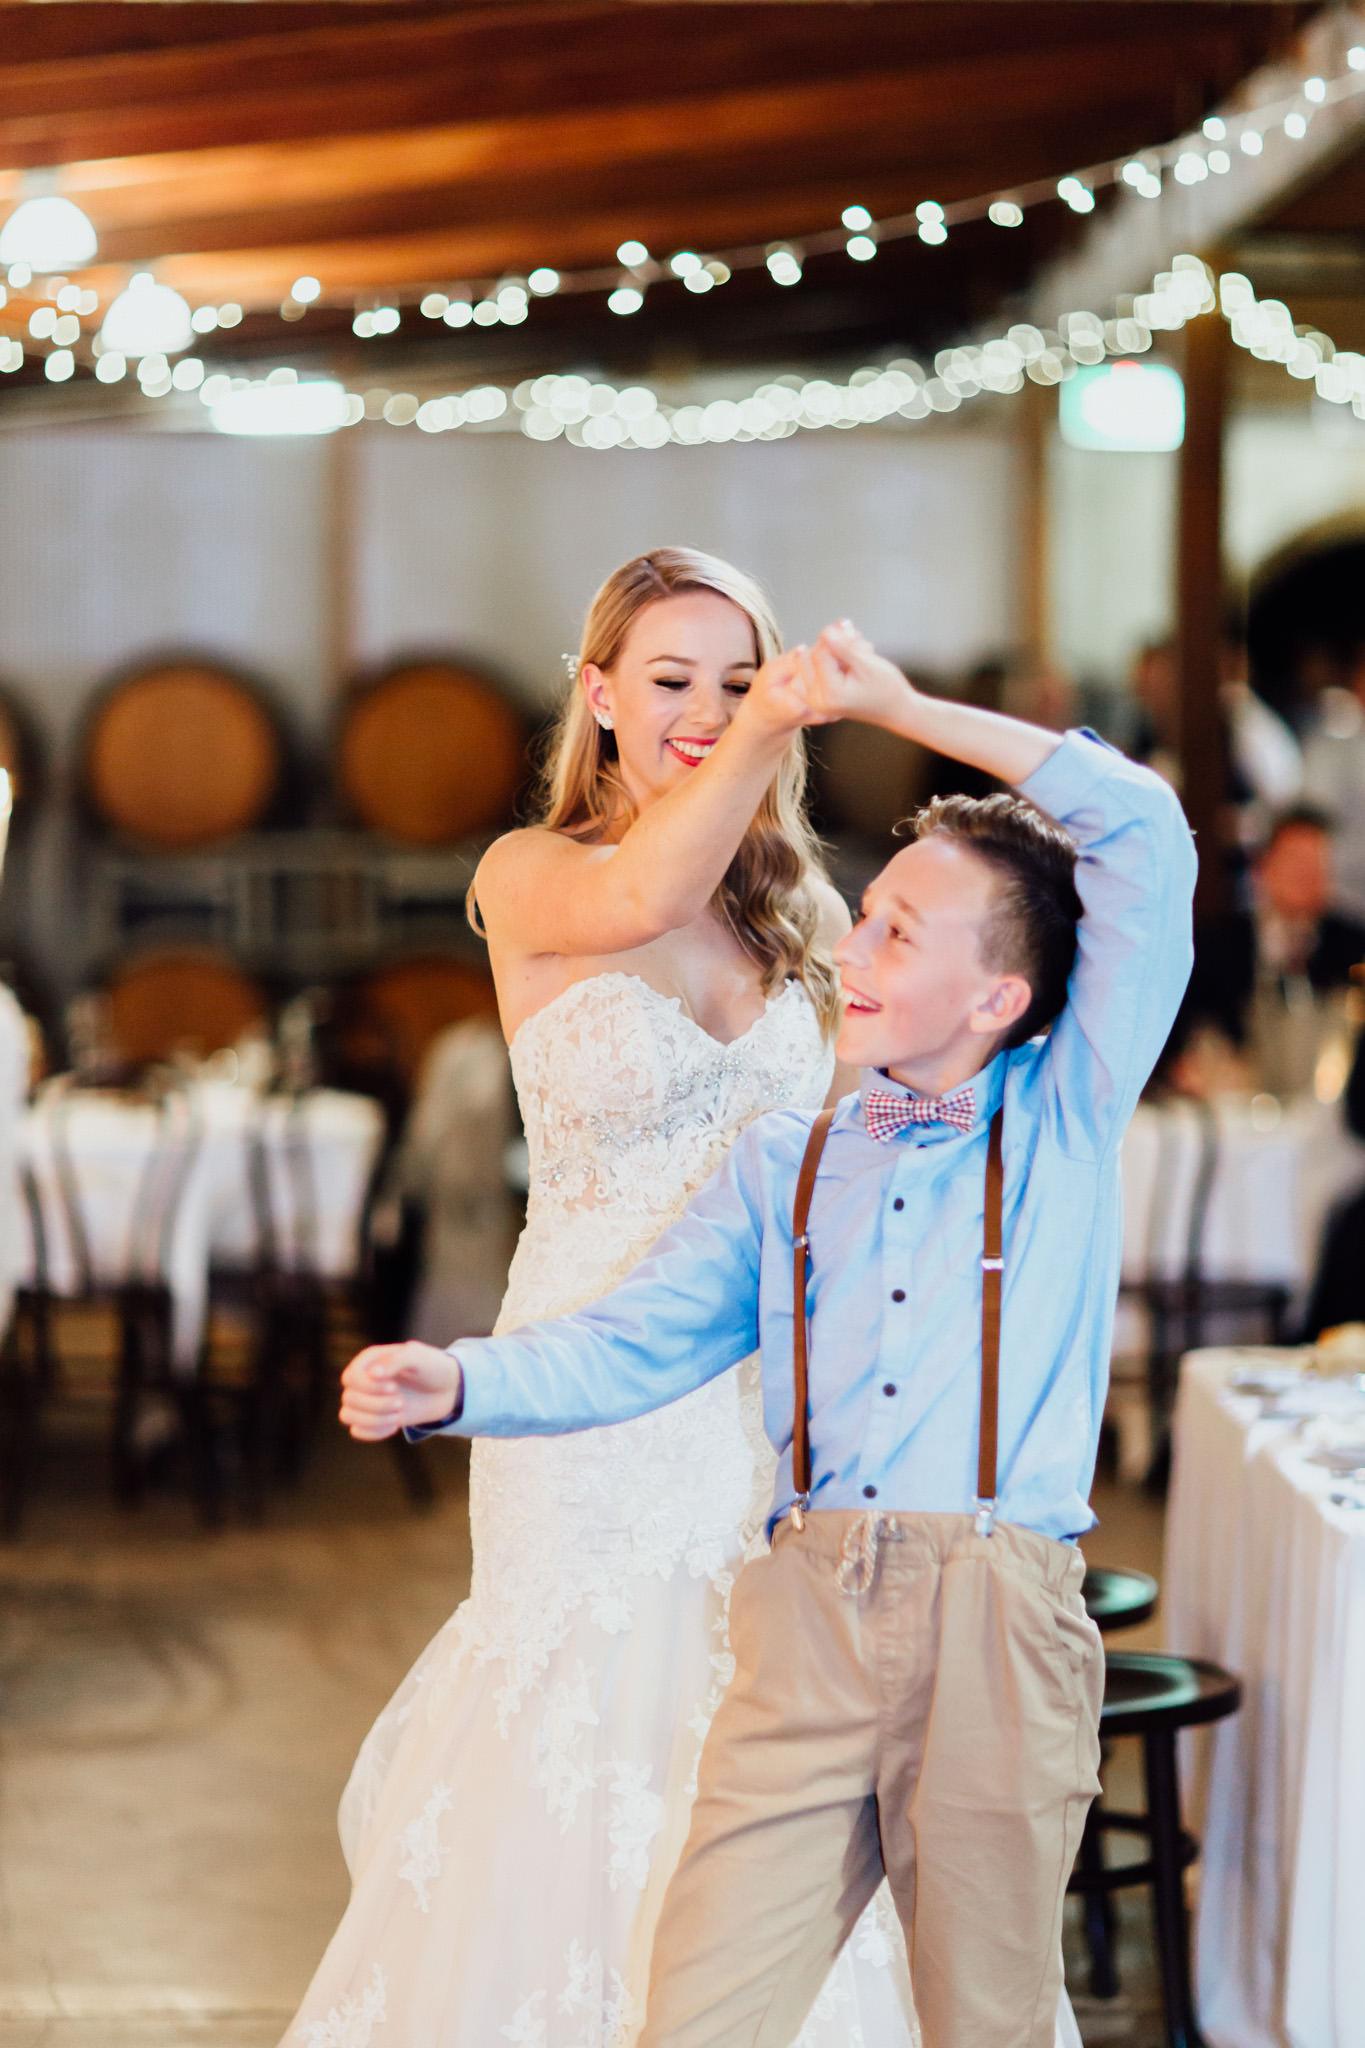 WeddingPhotos_Facebook_2048pixels-1142.jpg